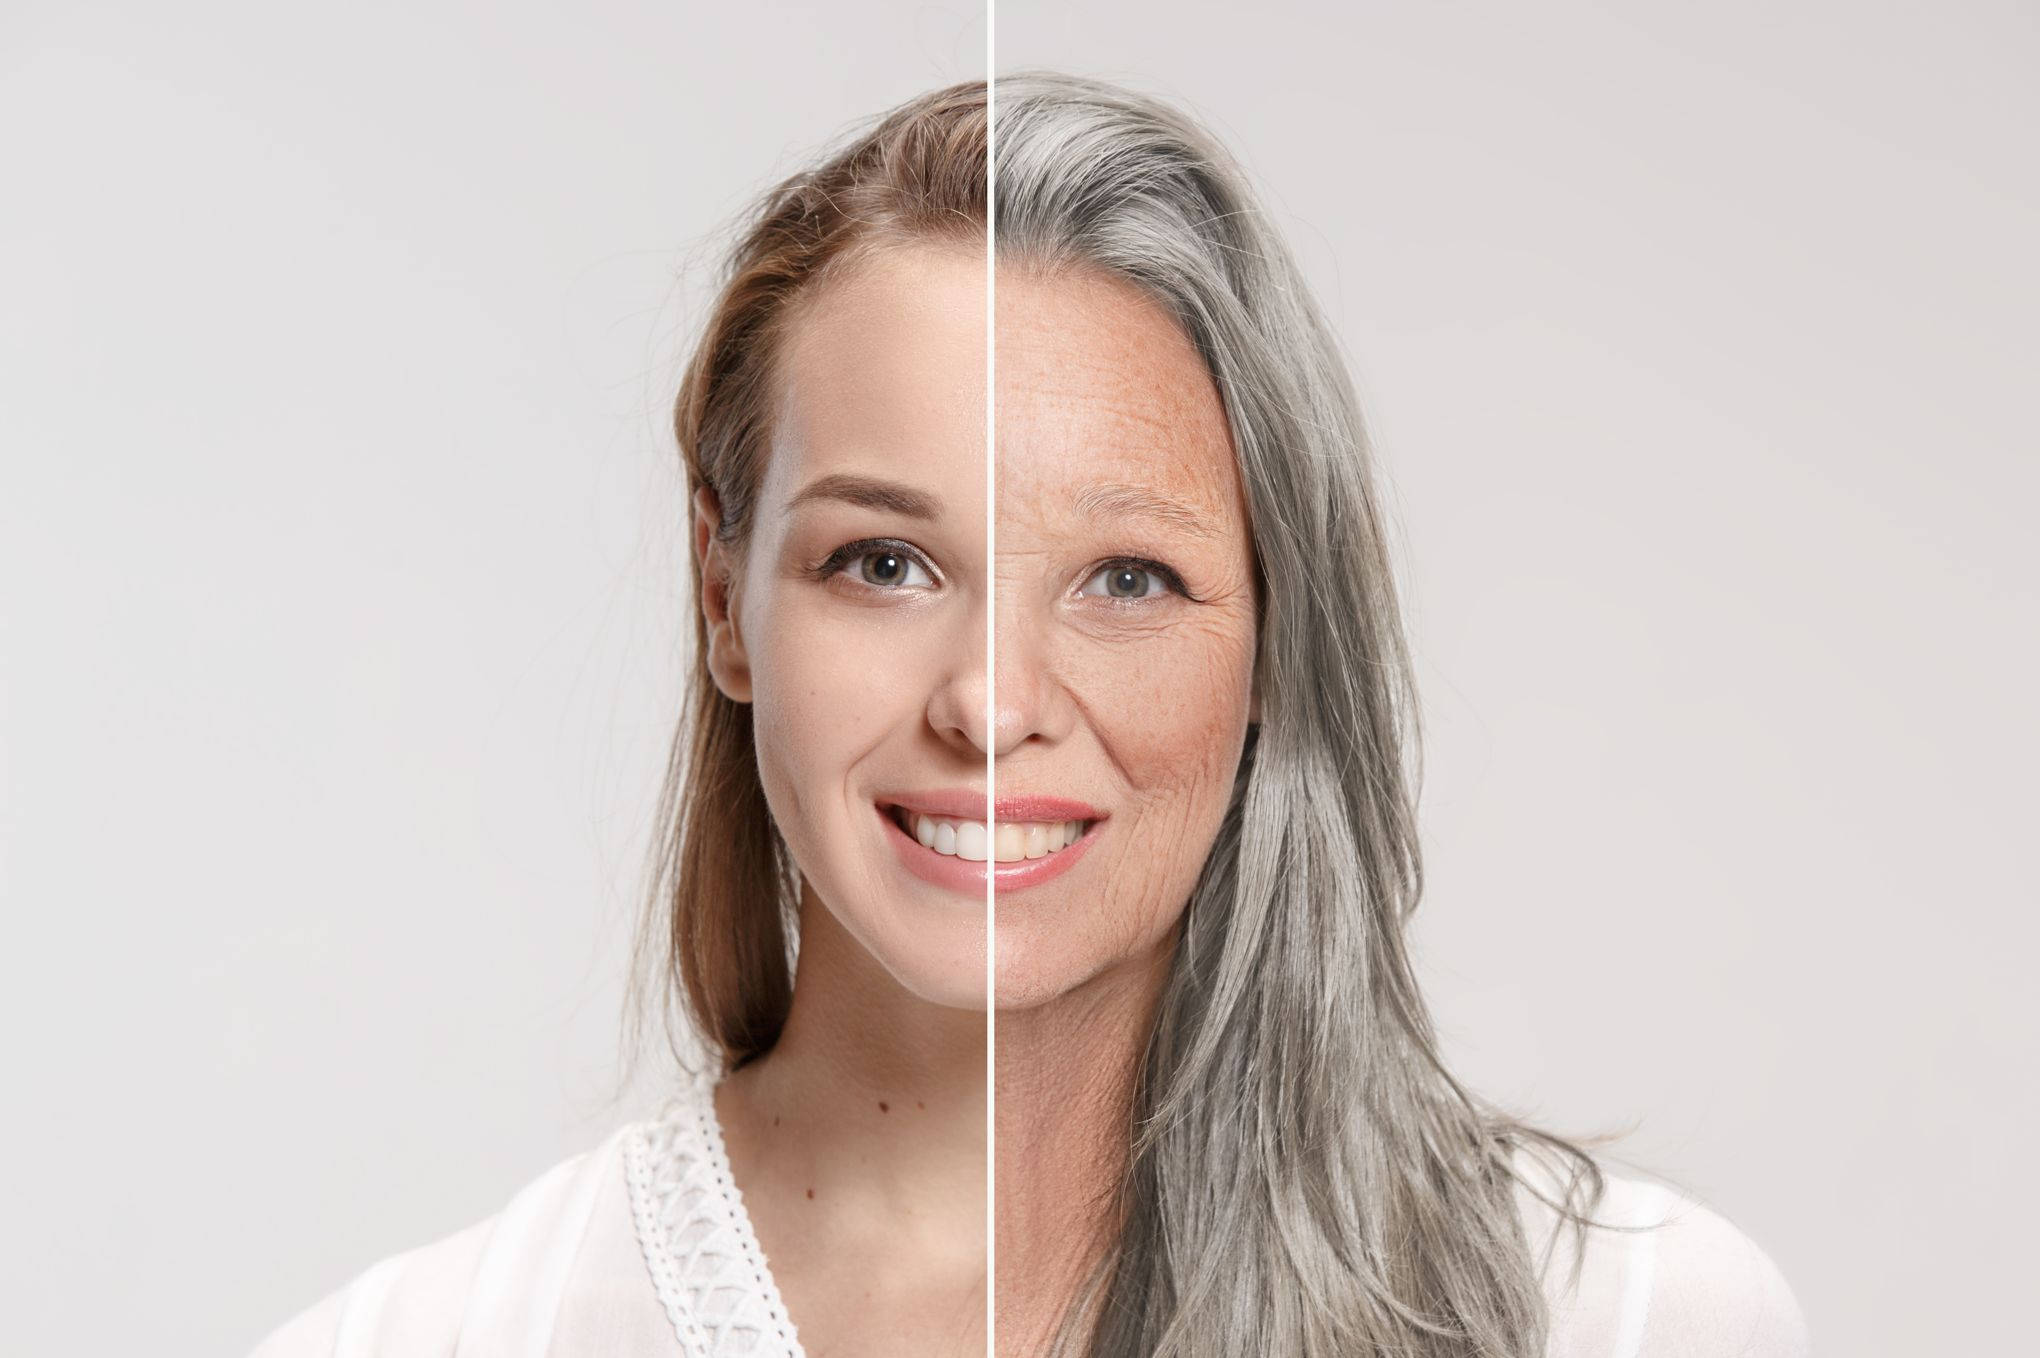 Pourquoi les cheveux deviennent-ils blancs avec l'âge?